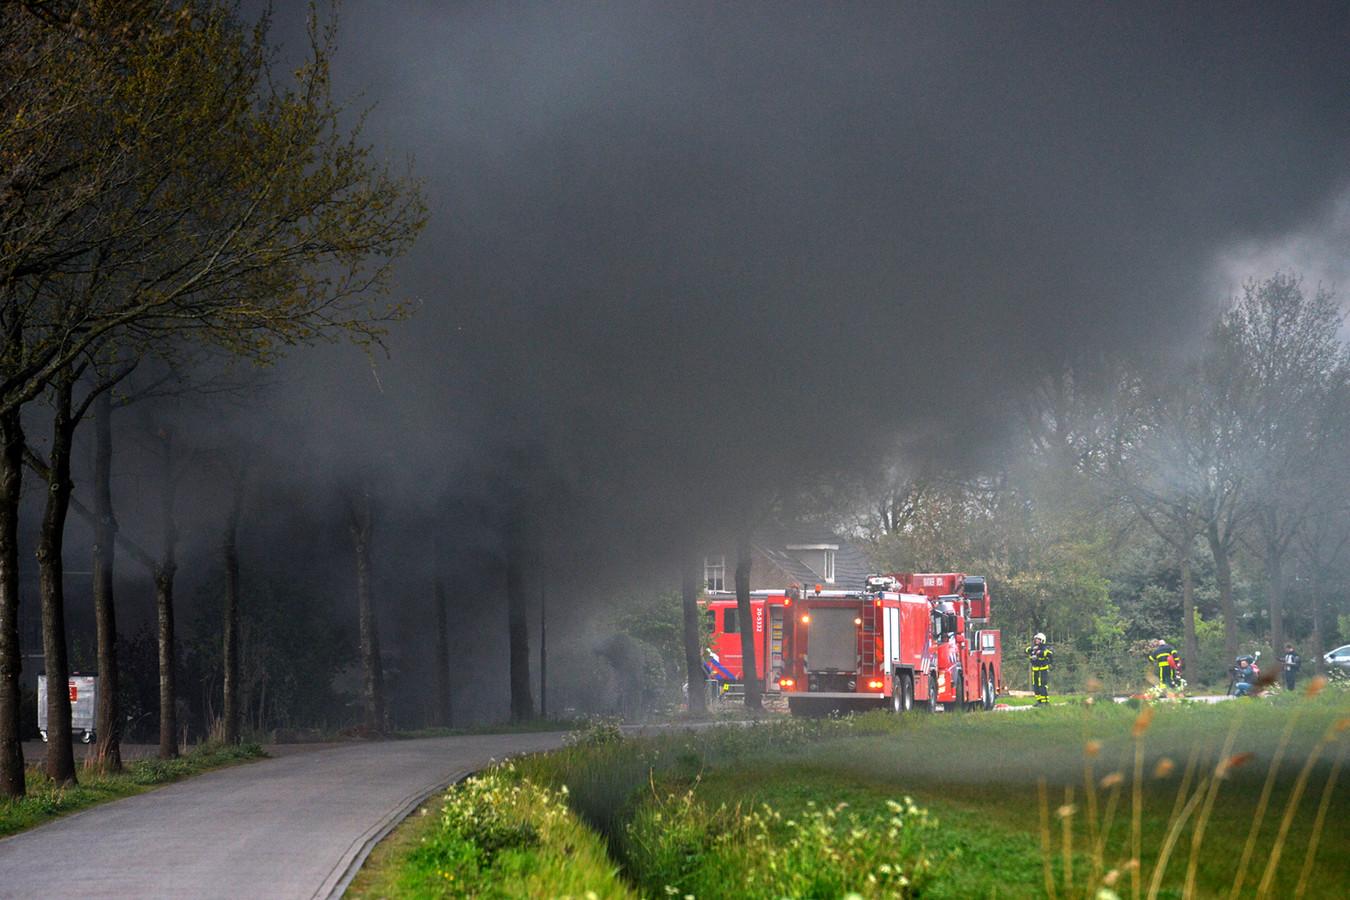 Veel rook bij uitslaande brand bij champignonkweker in Bavel